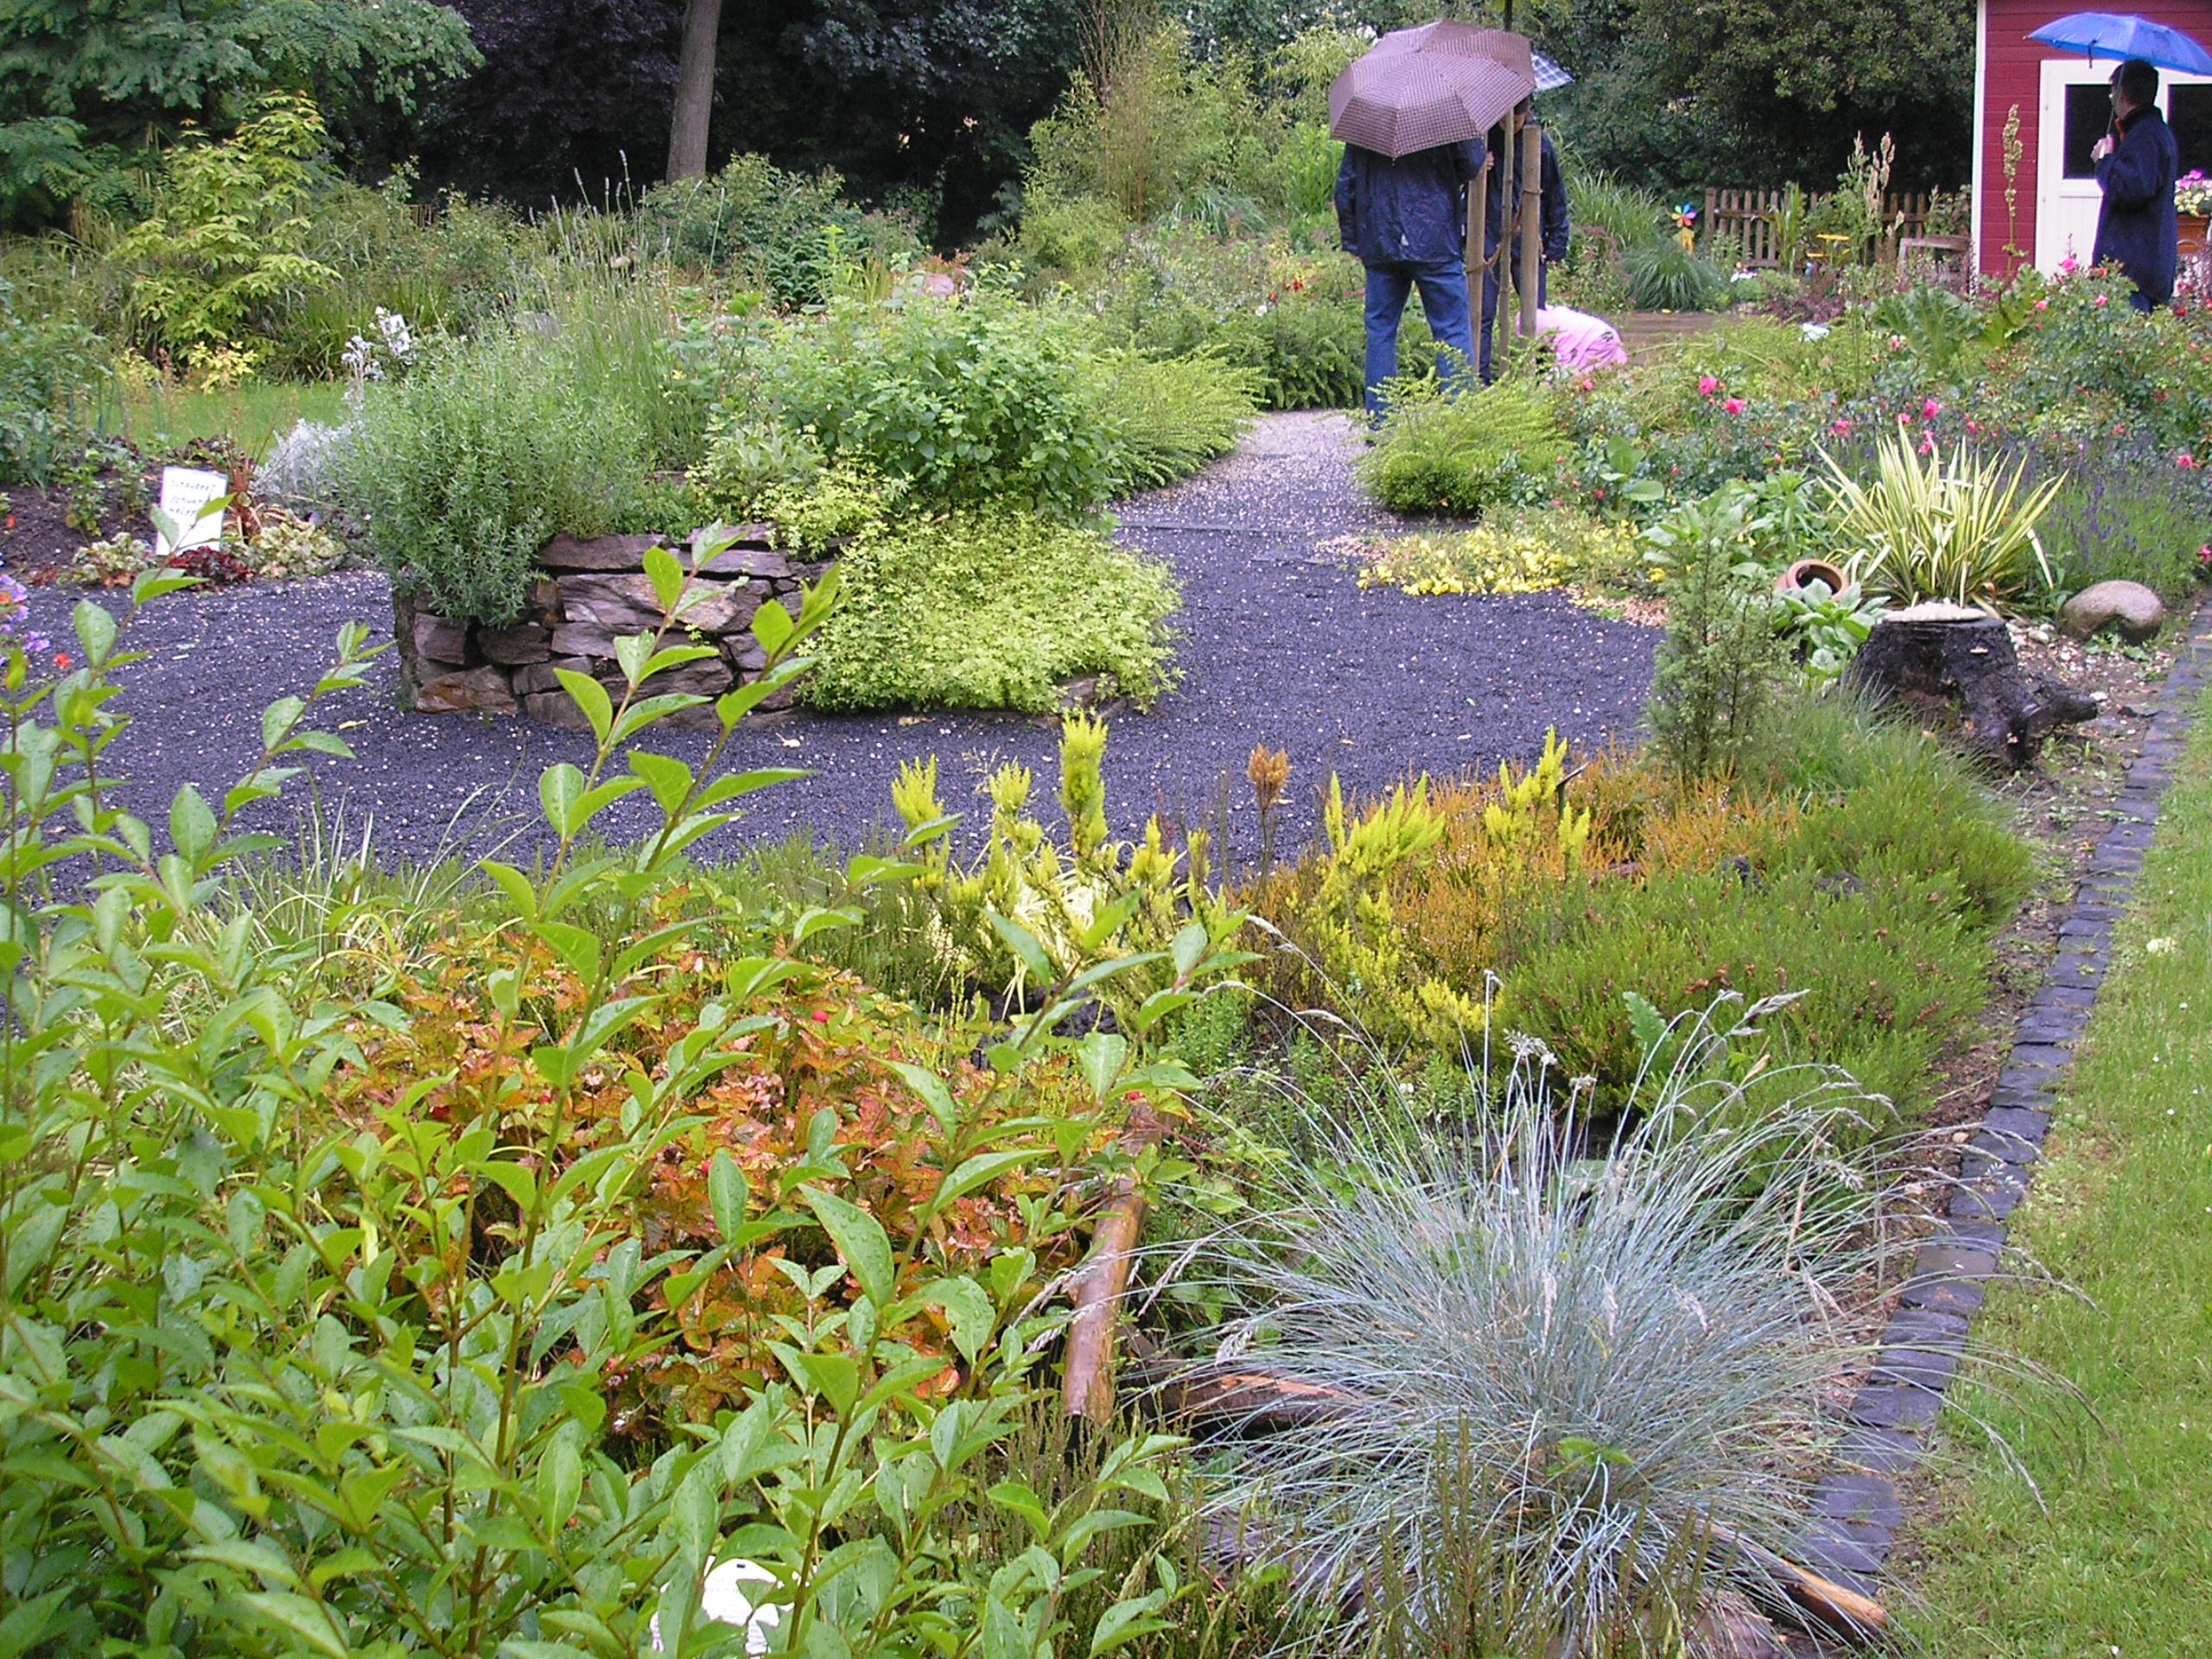 La permaculture permet de dessiner et créer des îles-jardins, une forêt-jardin, un jardin-mandala